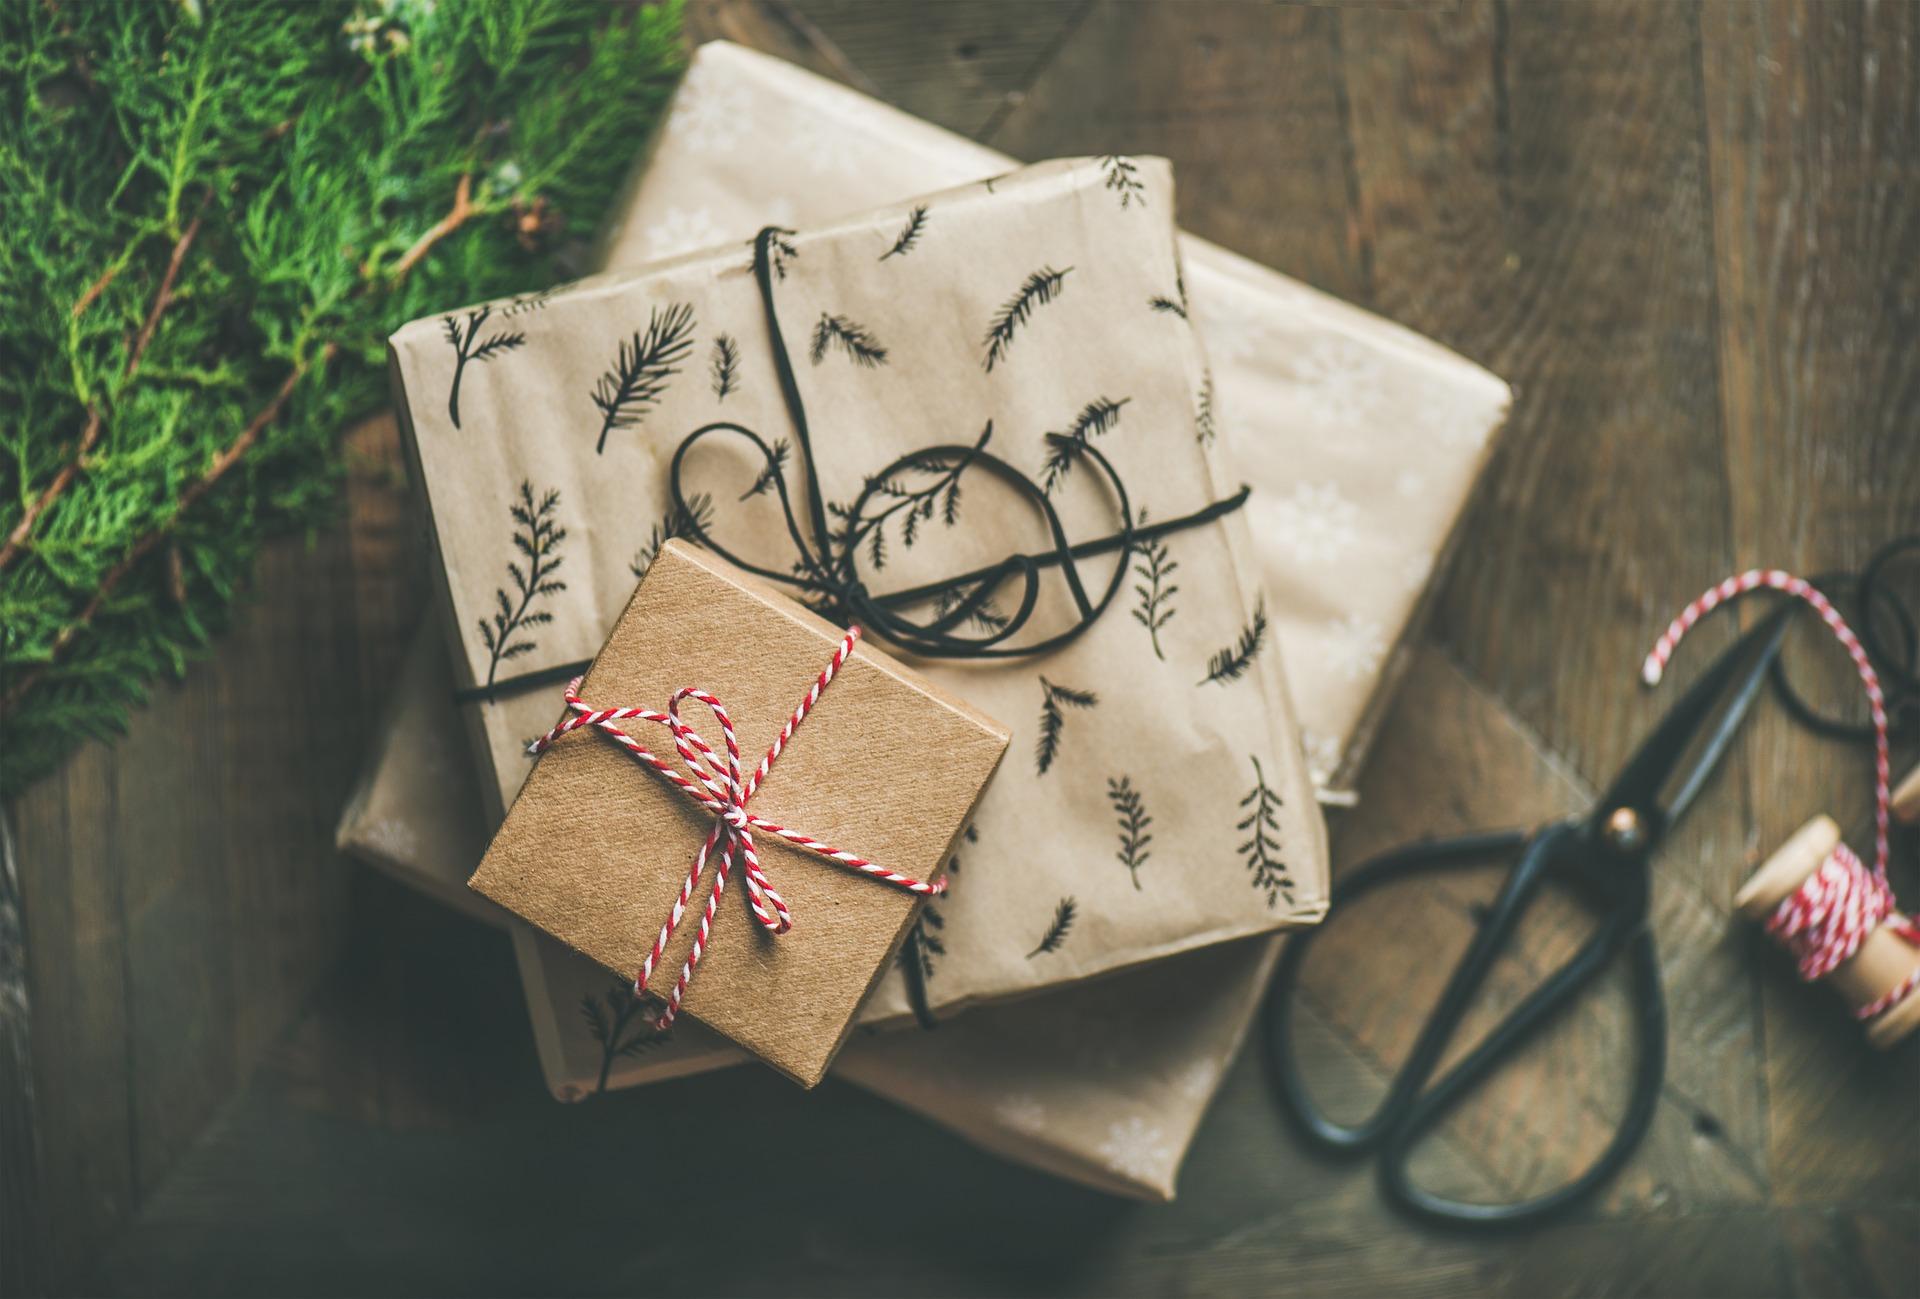 Pourquoi et comment choisir des cartes-cadeaux pour vos collaborateurs ?